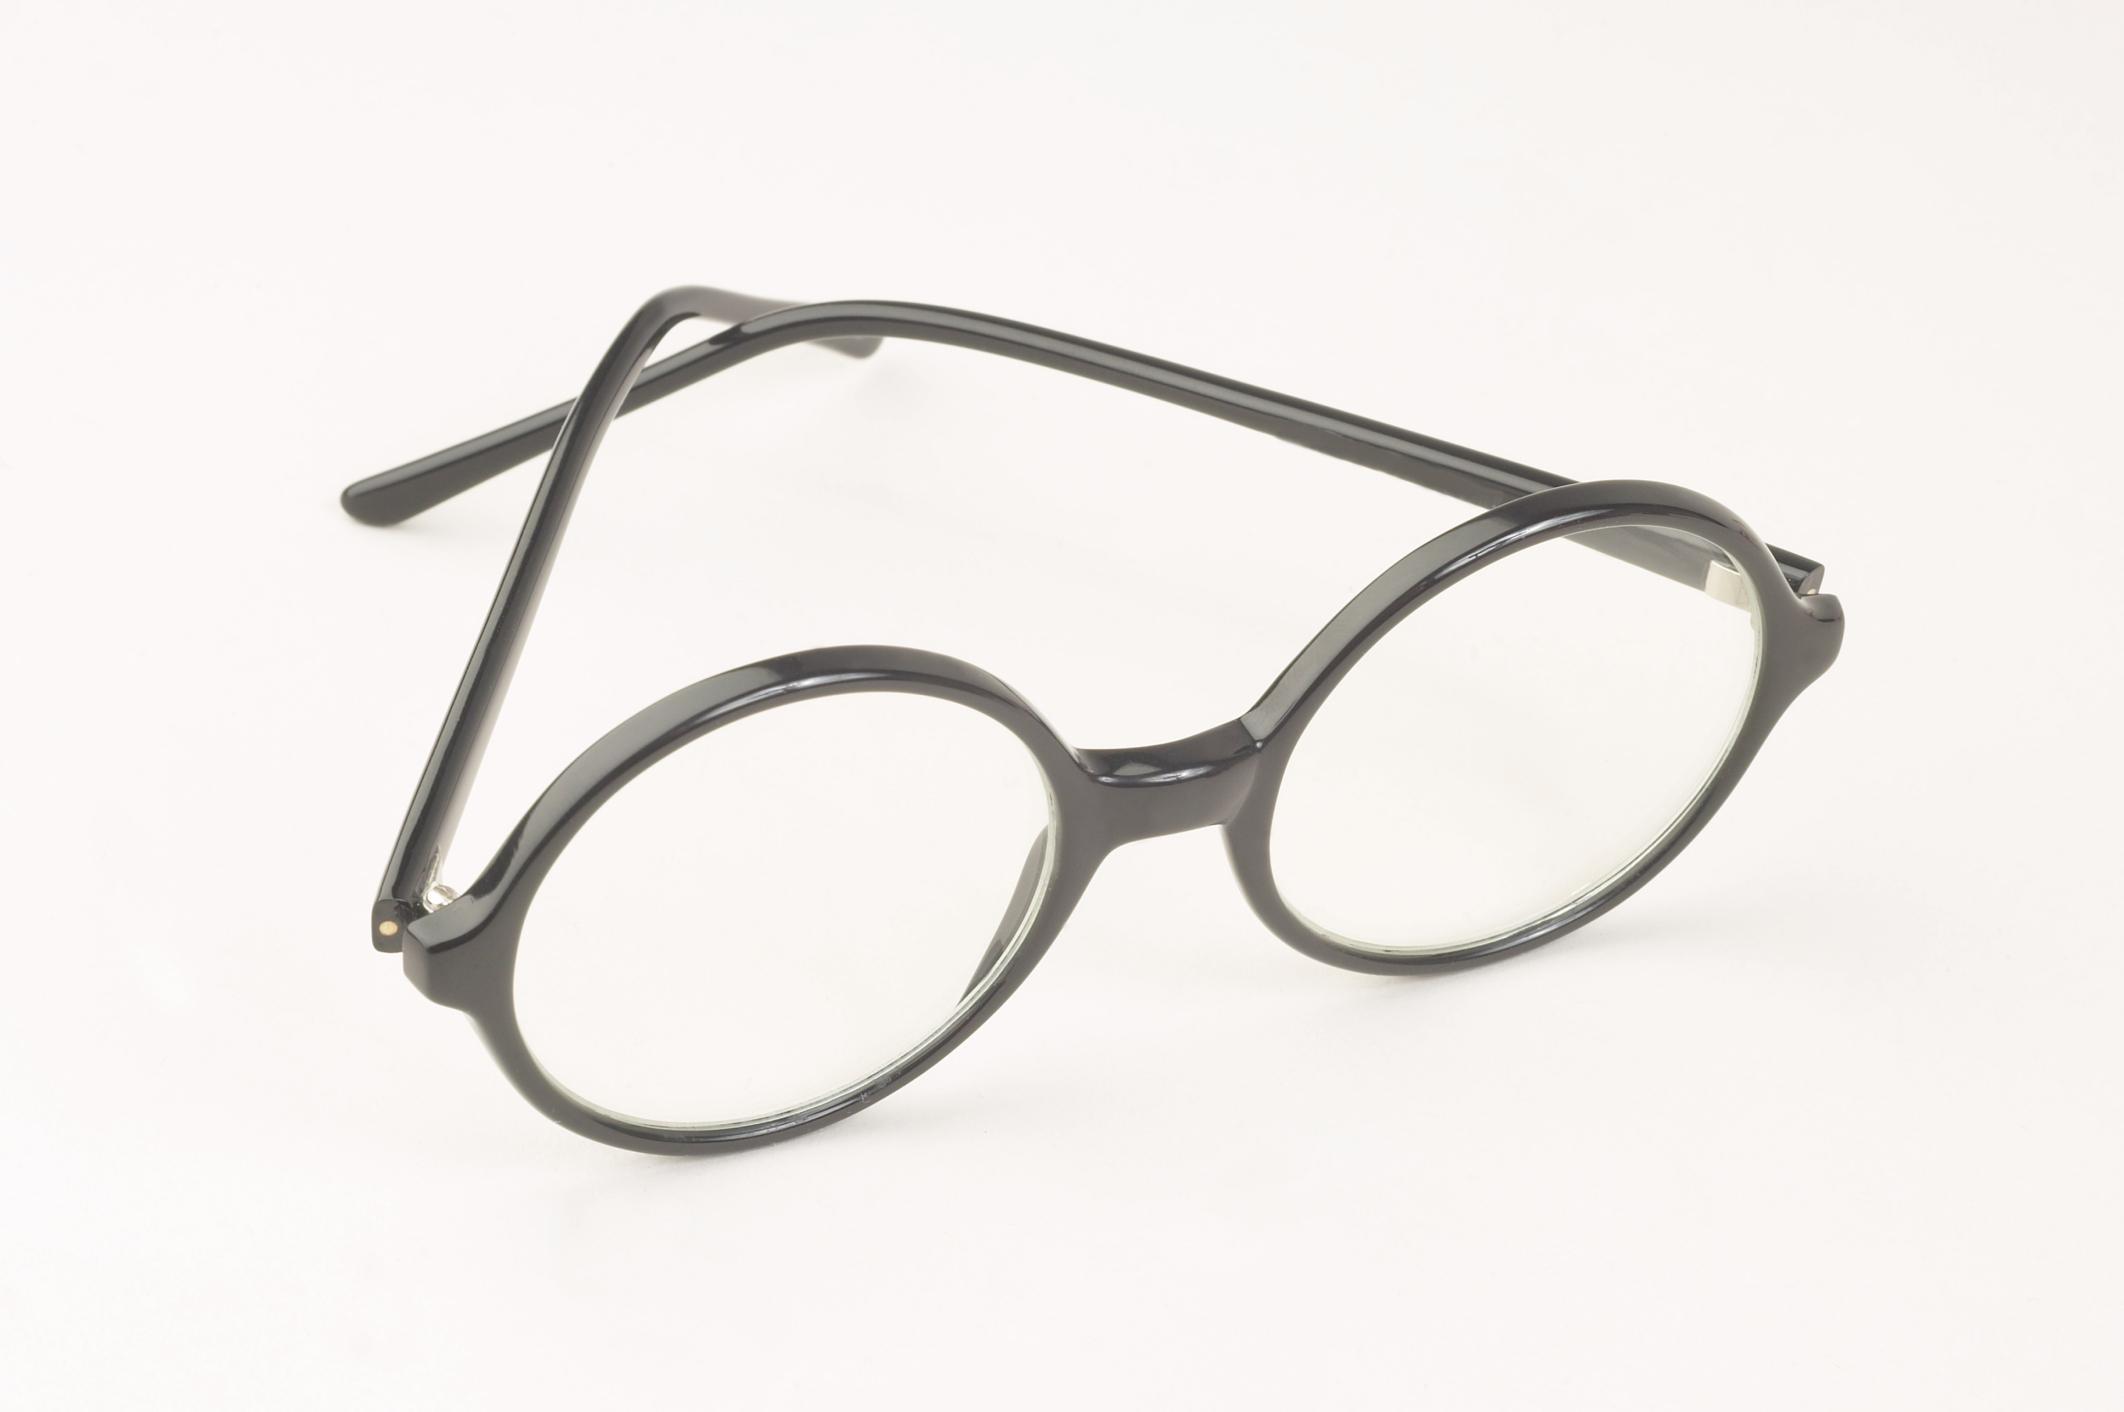 e6957e2745 Cómo puedo saber si las gafas Prada son auténticas